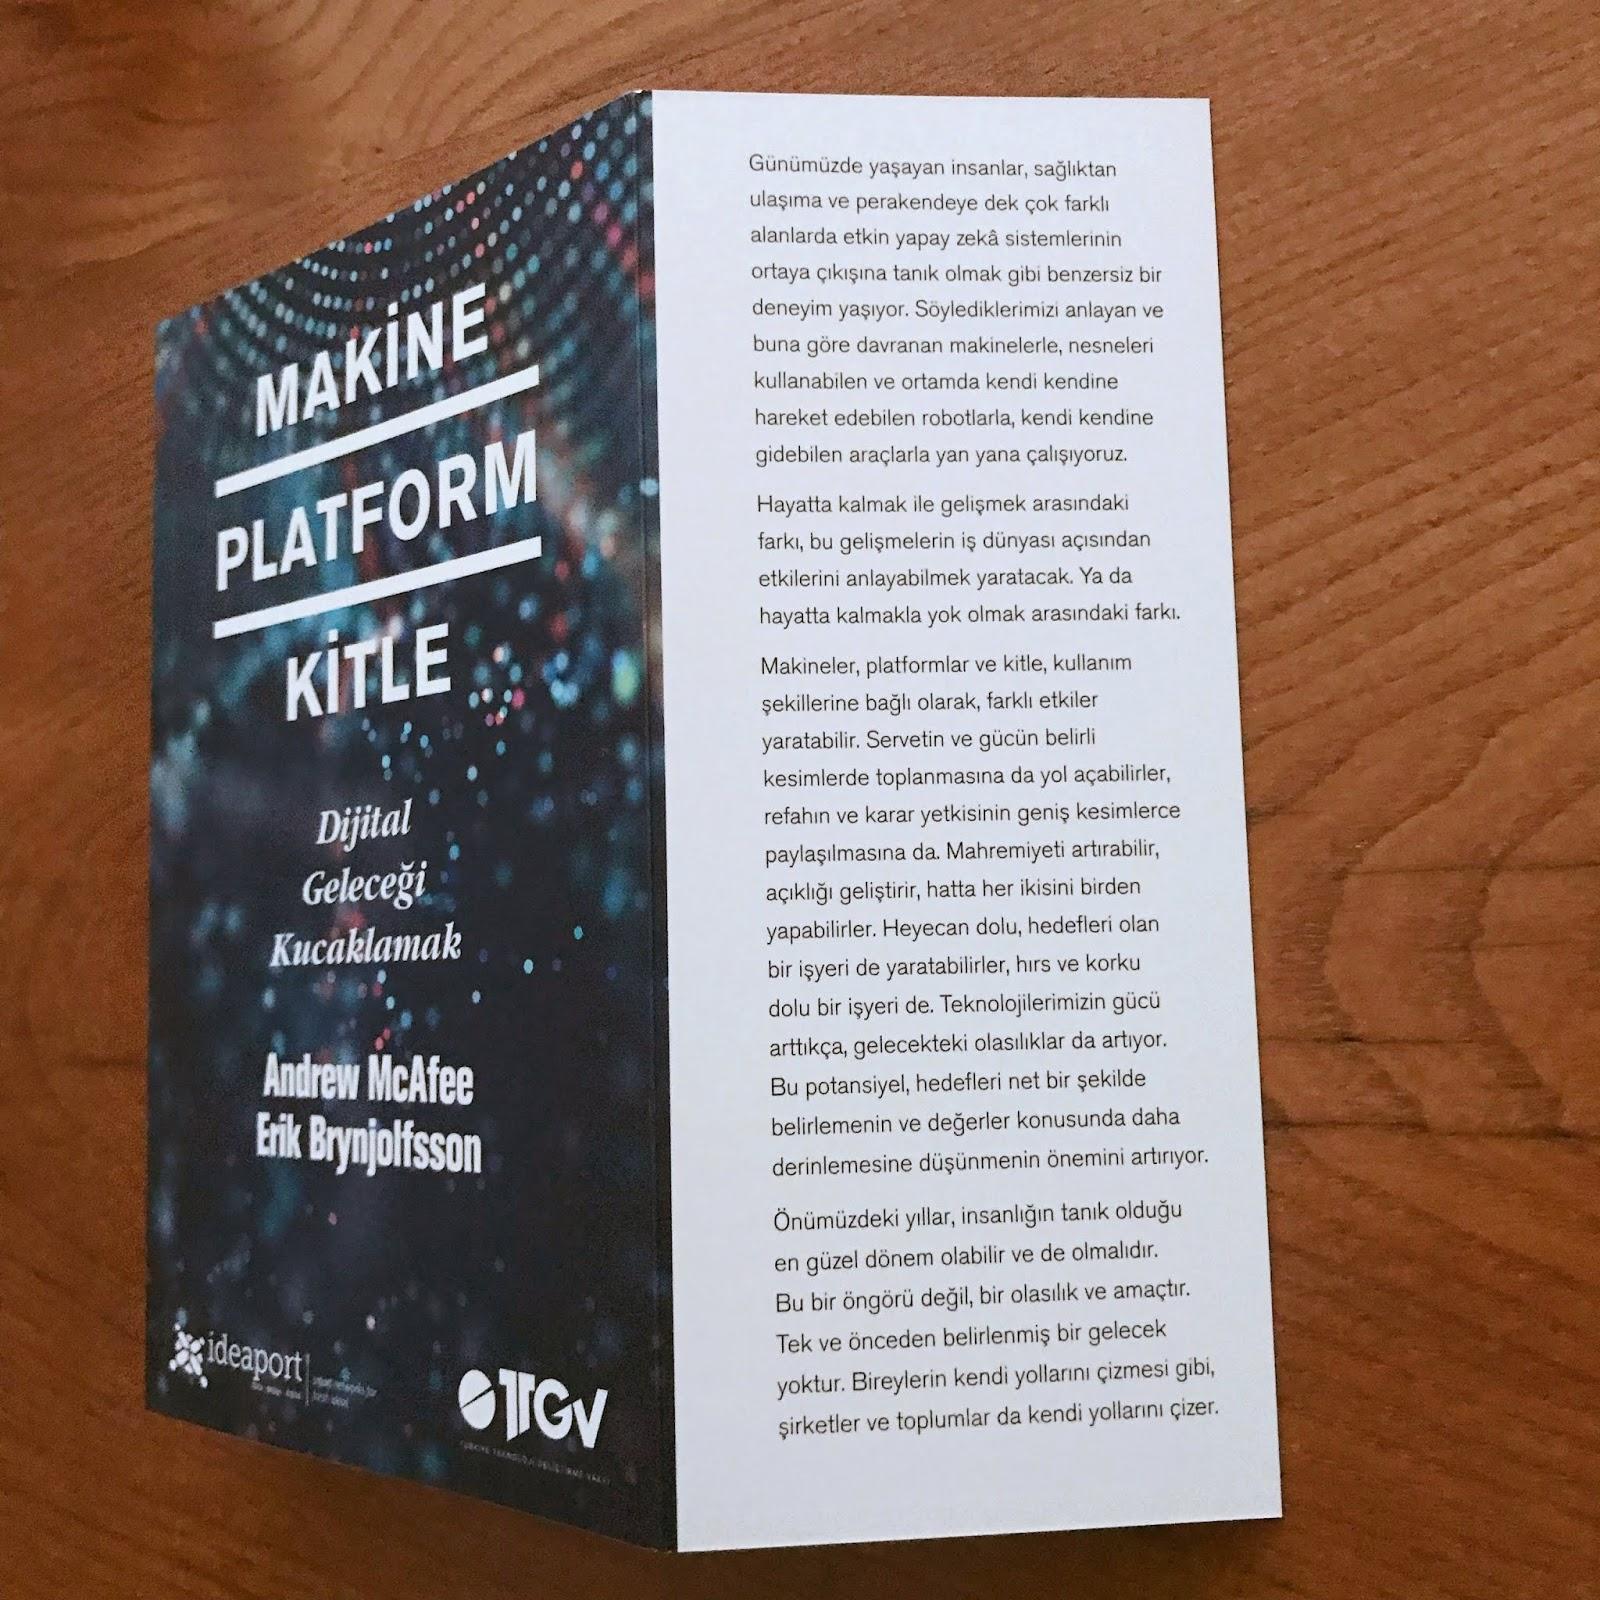 Makine Platform Kitle - Dijital Gelecegi Kucaklamak (Kitap)